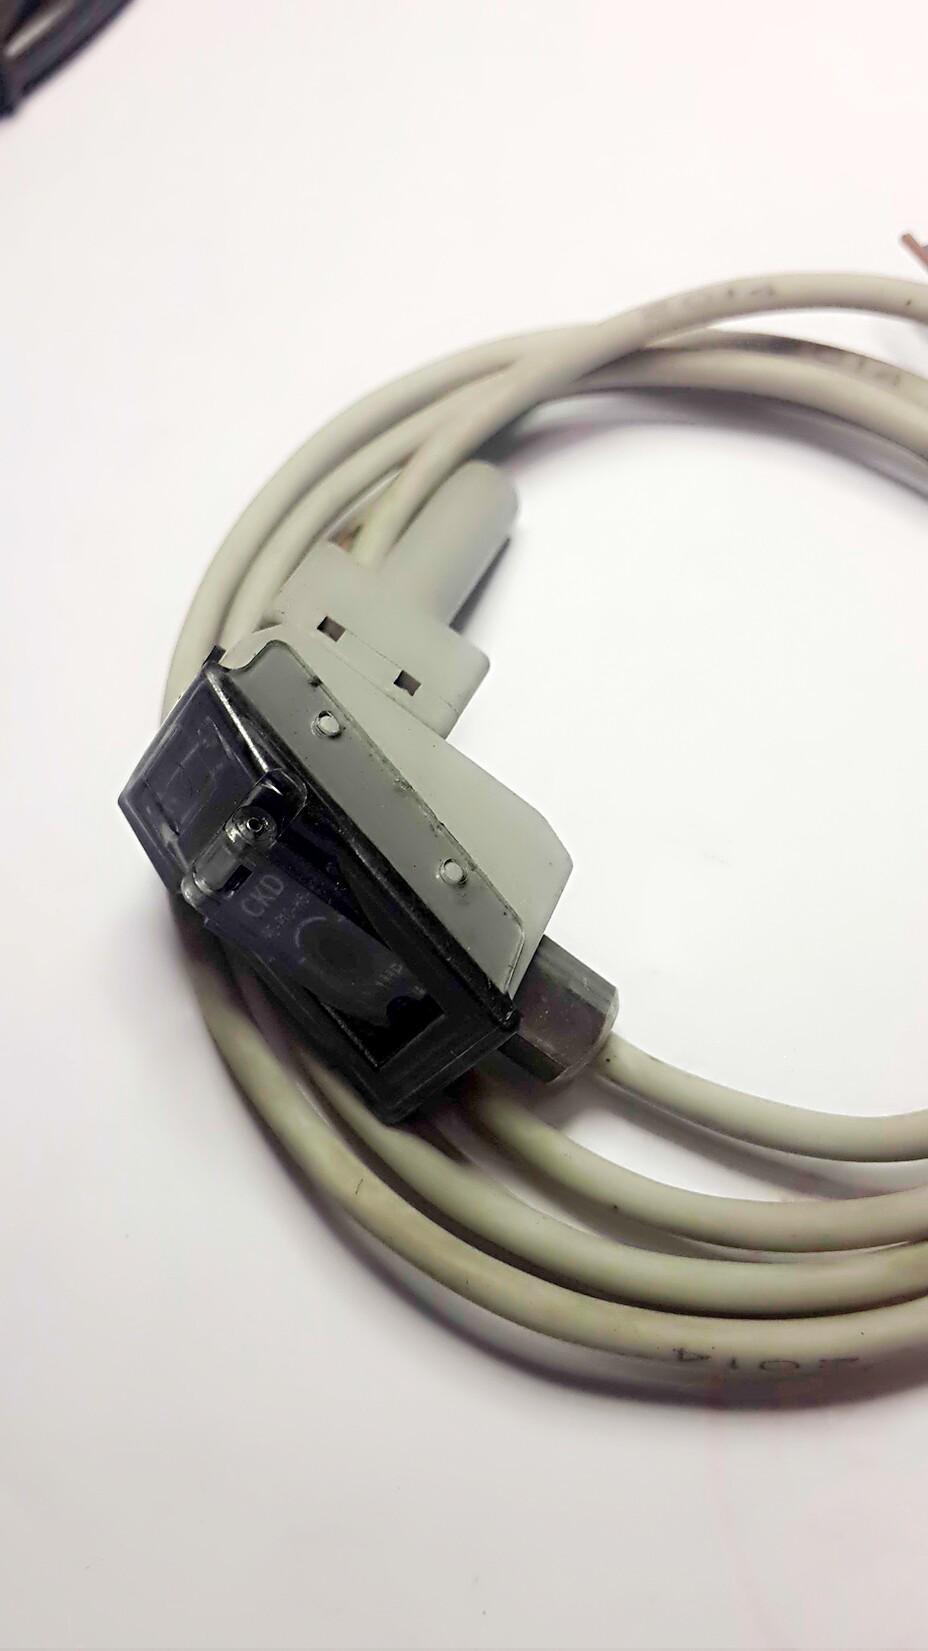 Фотография Original authentic Japanese CKD five-way solenoid valve PPE - P10 - H6 - B stock